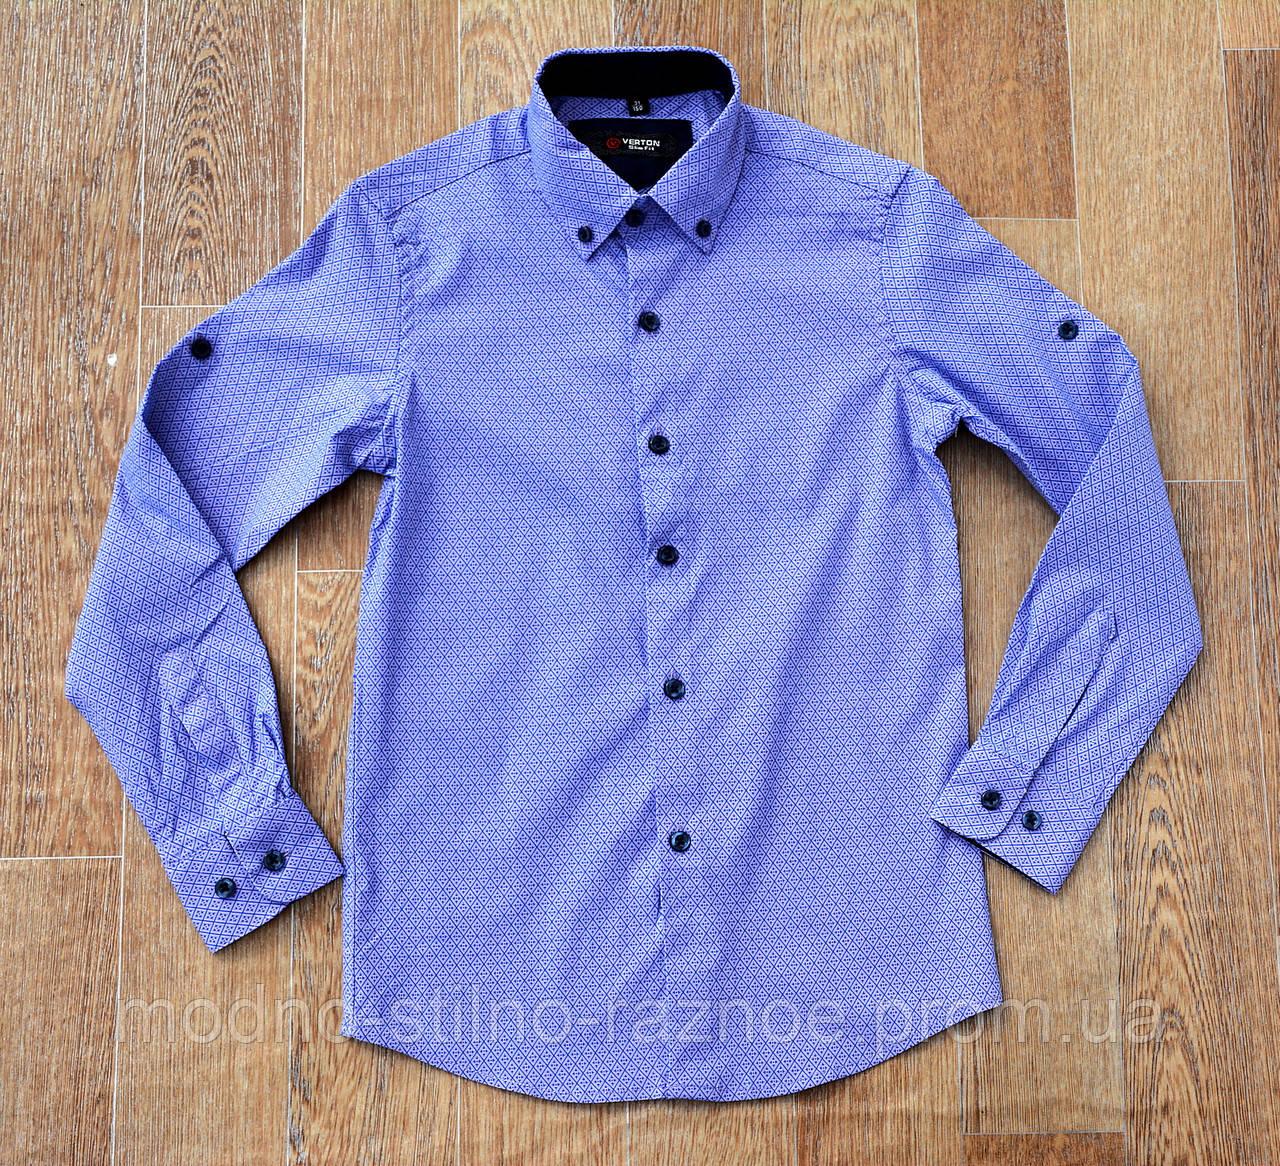 Рубашка на мальчика. Длинный рукав. Ворот 29-36 Рост 116-160